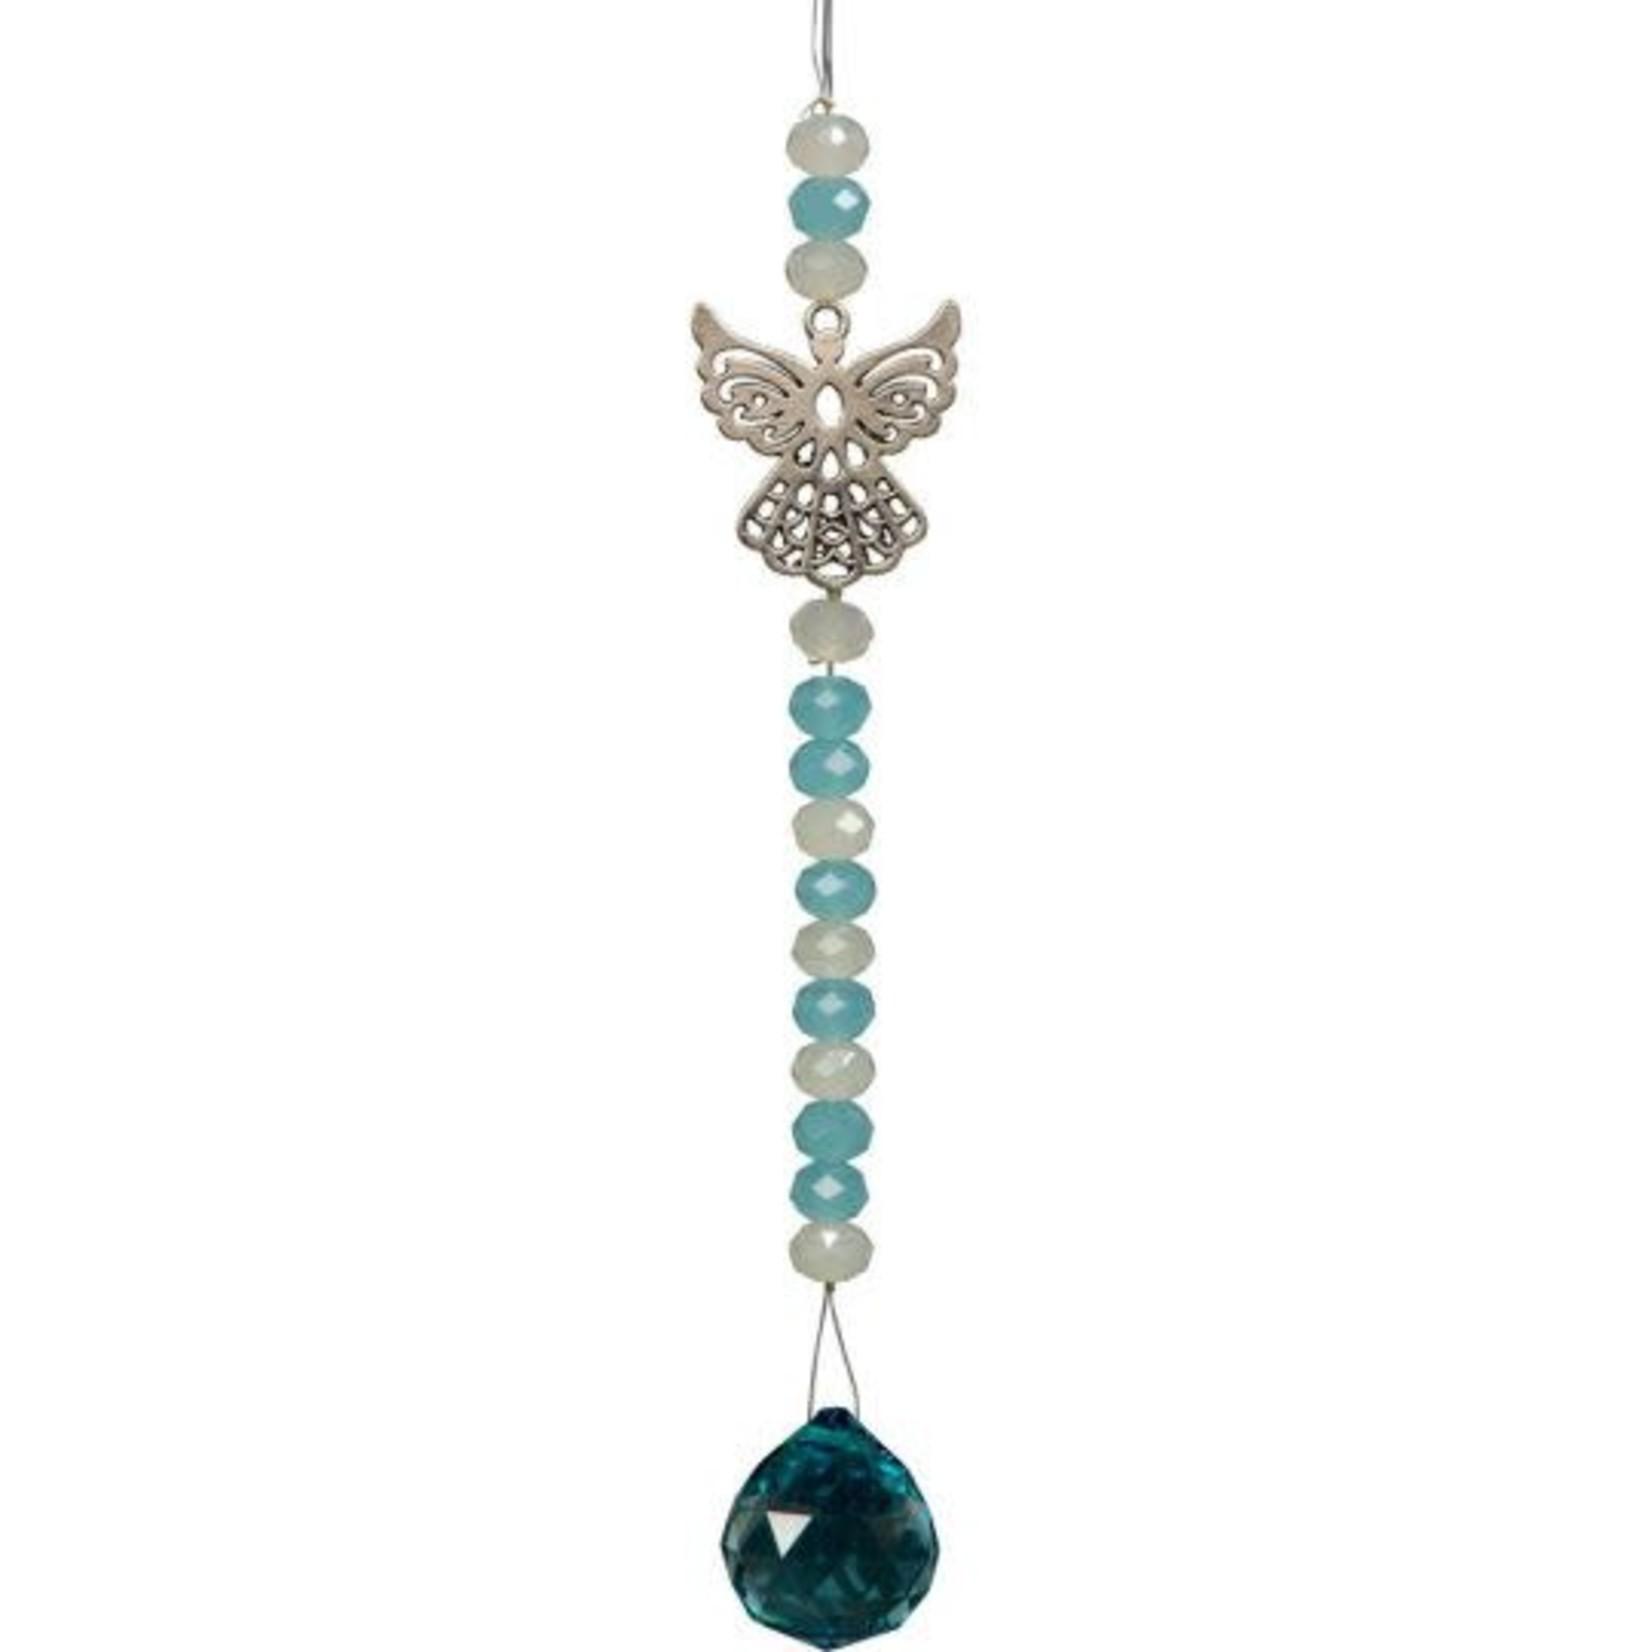 Hanging Crystal Ball Angel